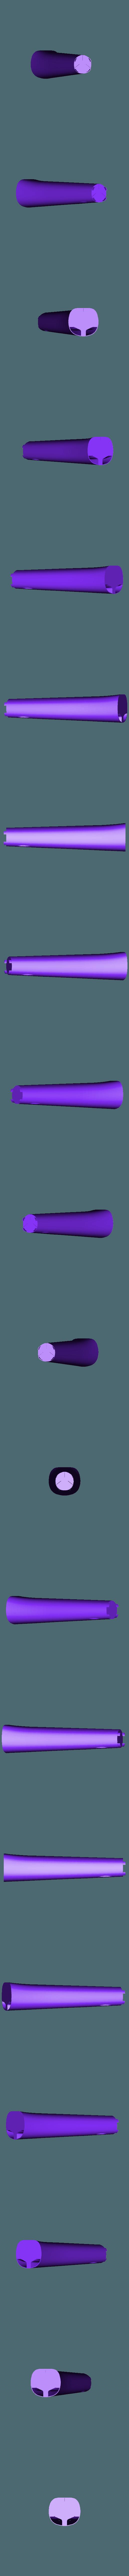 Fus3.stl Télécharger fichier STL gratuit Avion RC FPV - Fuselage modèle V • Plan pour imprimante 3D, Eclipson